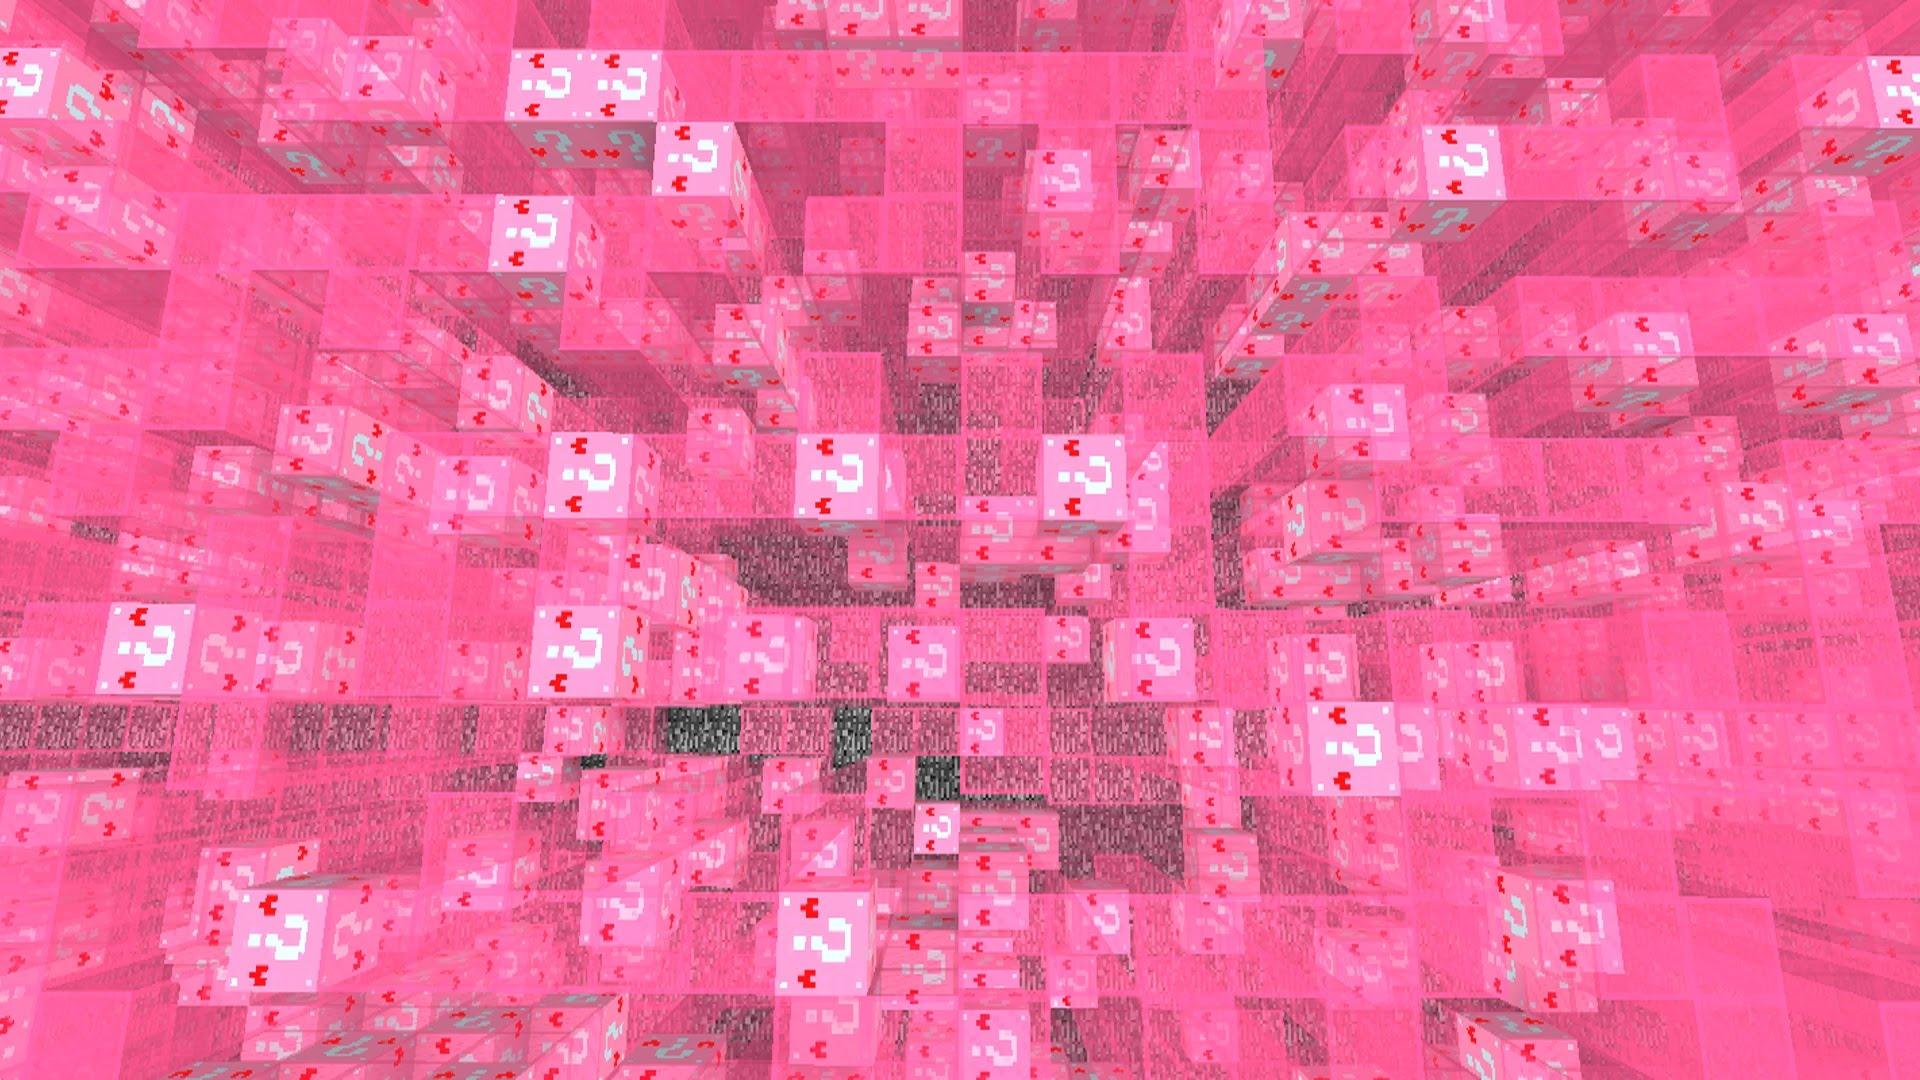 Christian Fall Desktop Wallpaper Hd Breast Cancer Backgrounds Pixelstalk Net